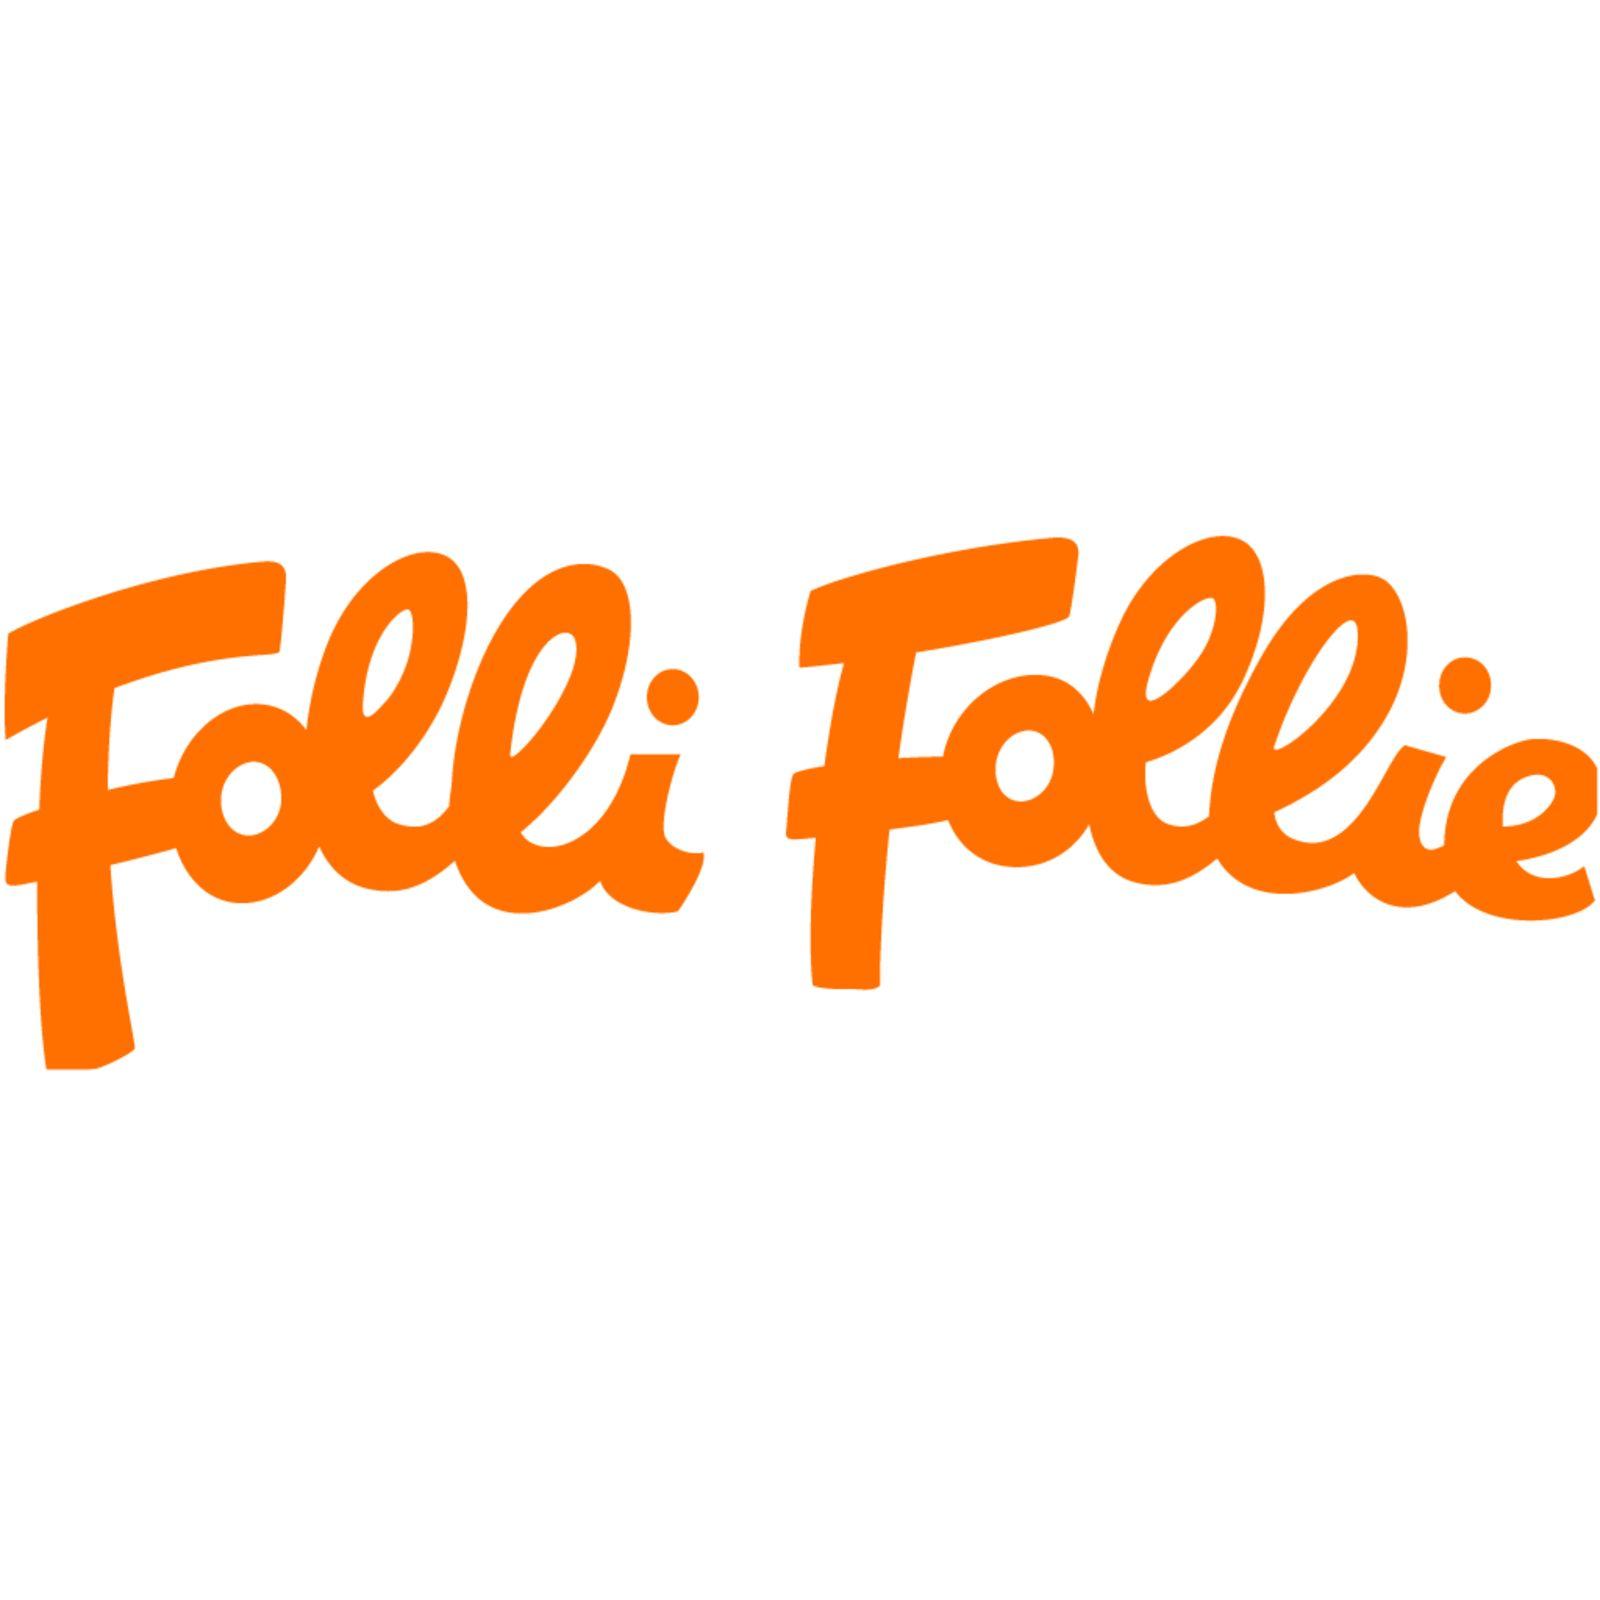 Folli Follie (Image 1)